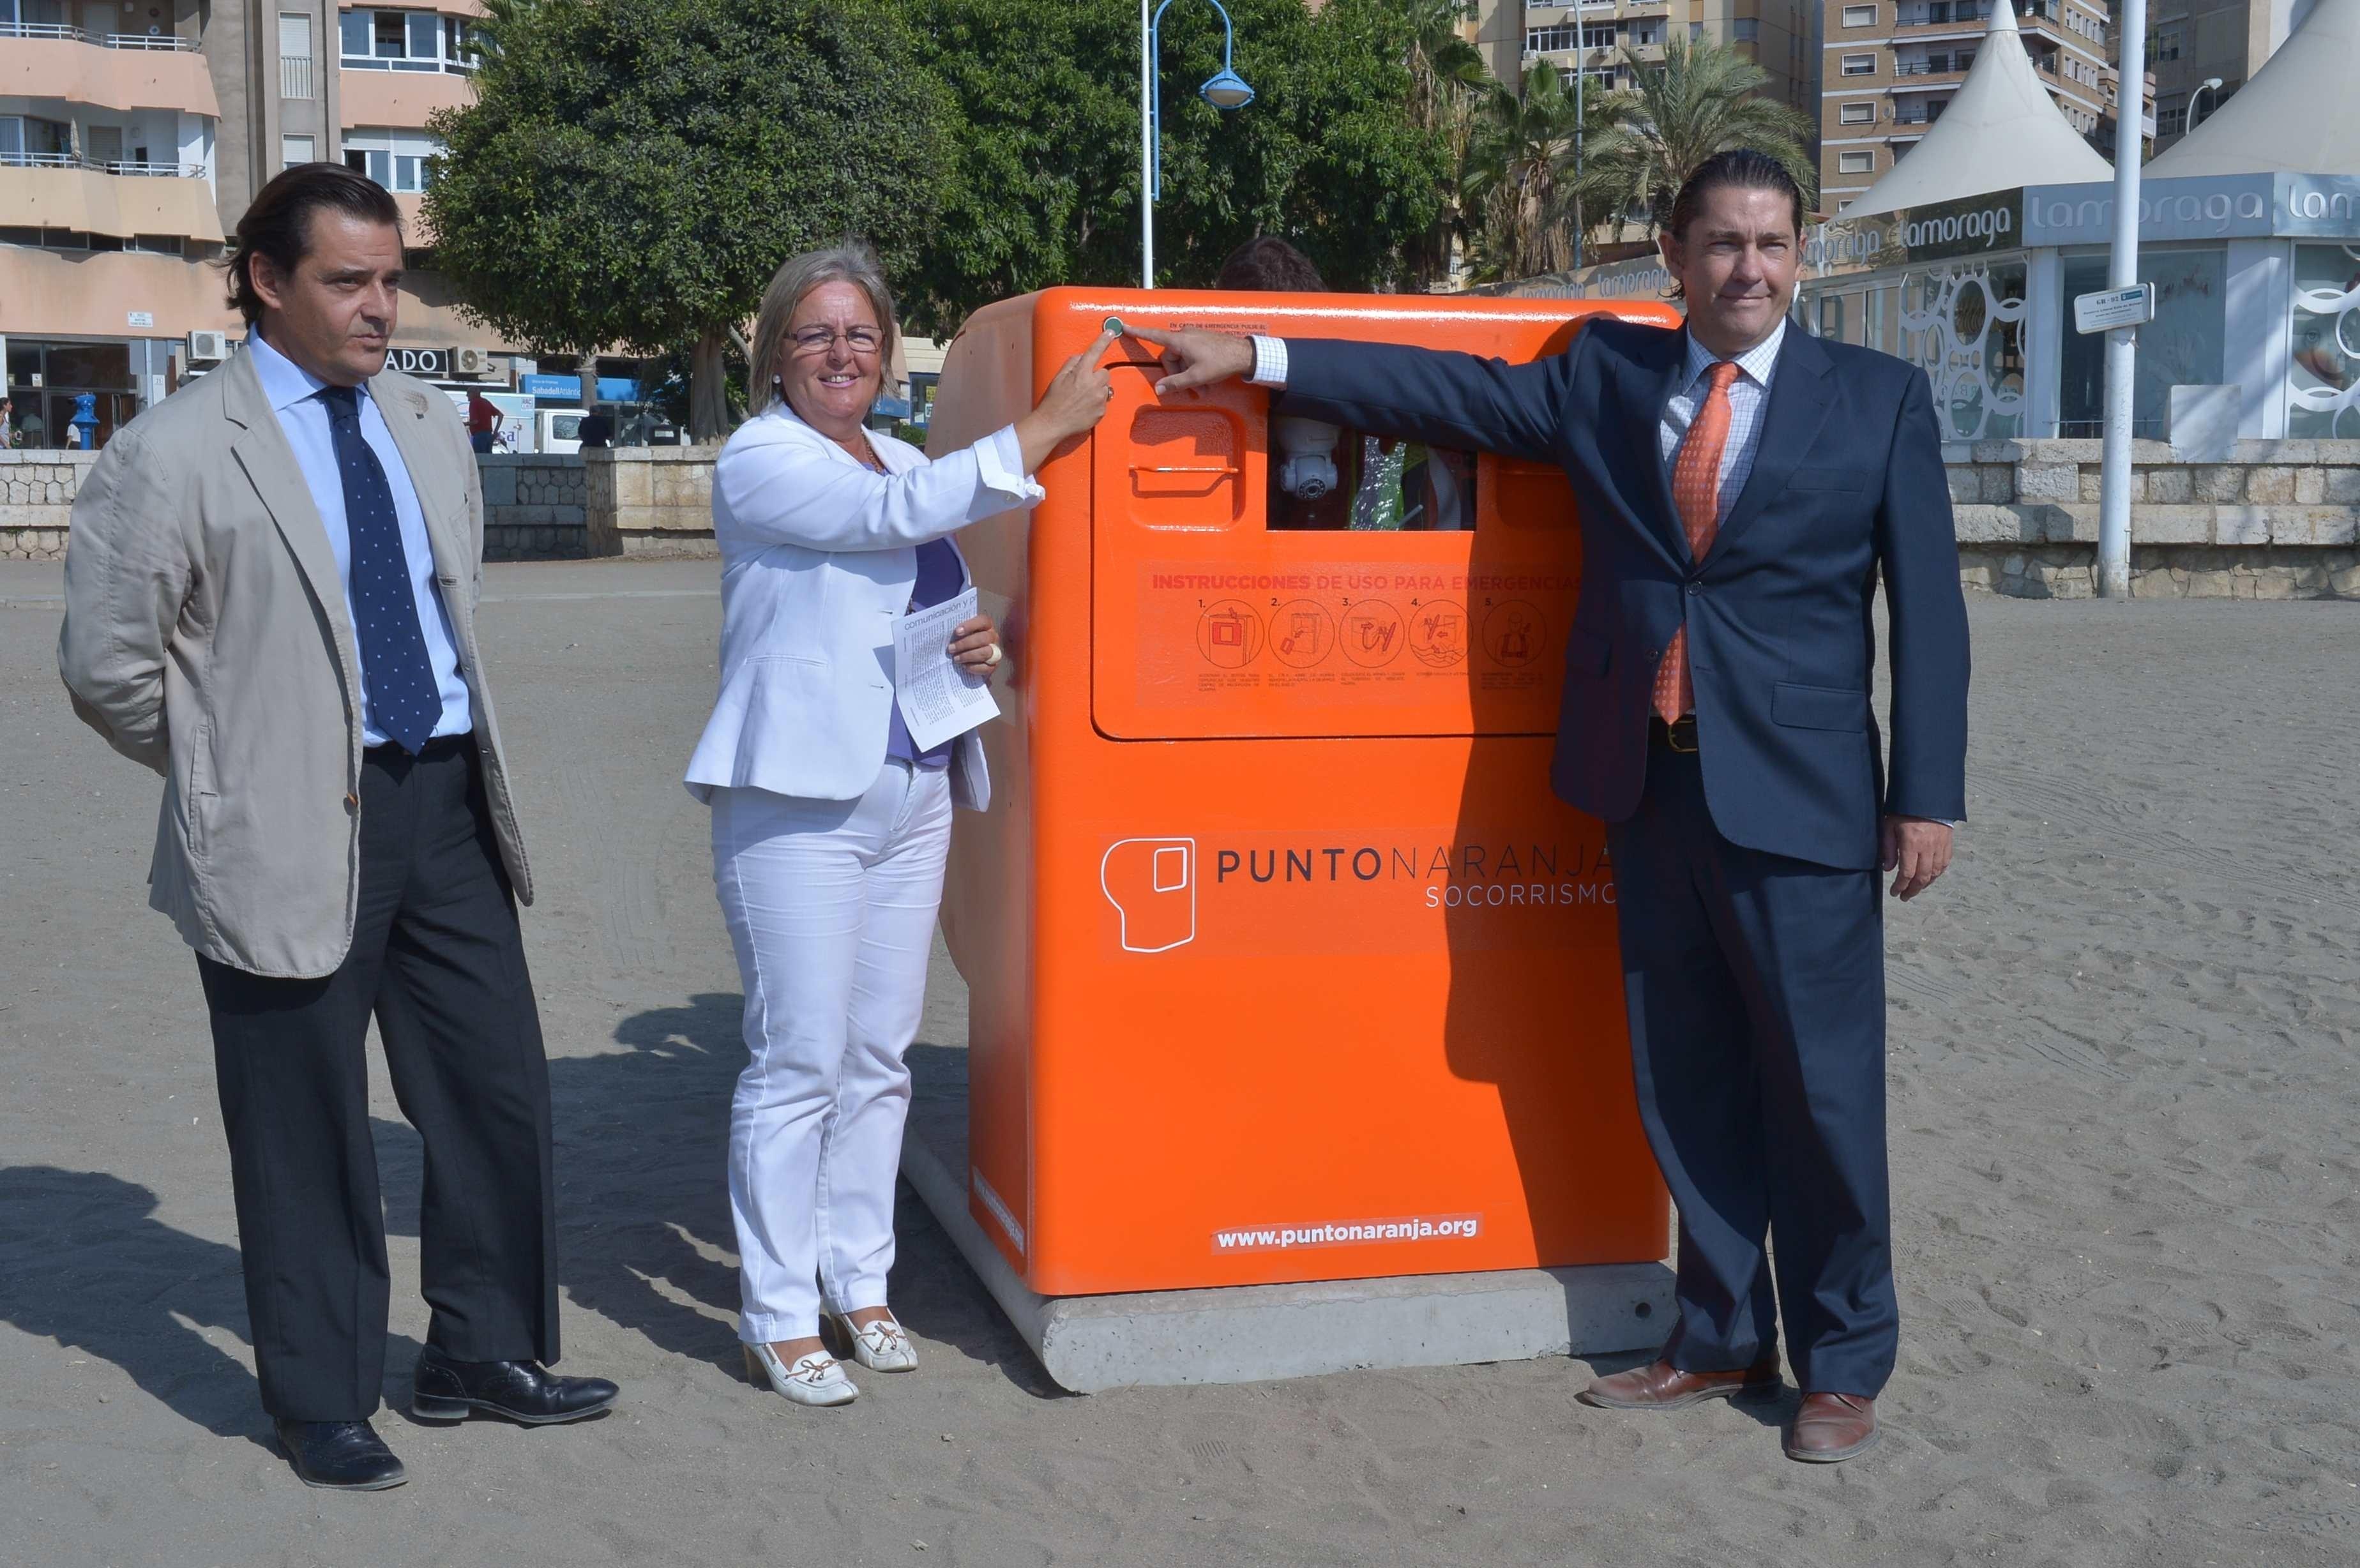 Las playa de La Malagueta albergará las pruebas del proyecto pionero »Punto Naranja de Socorrismo»